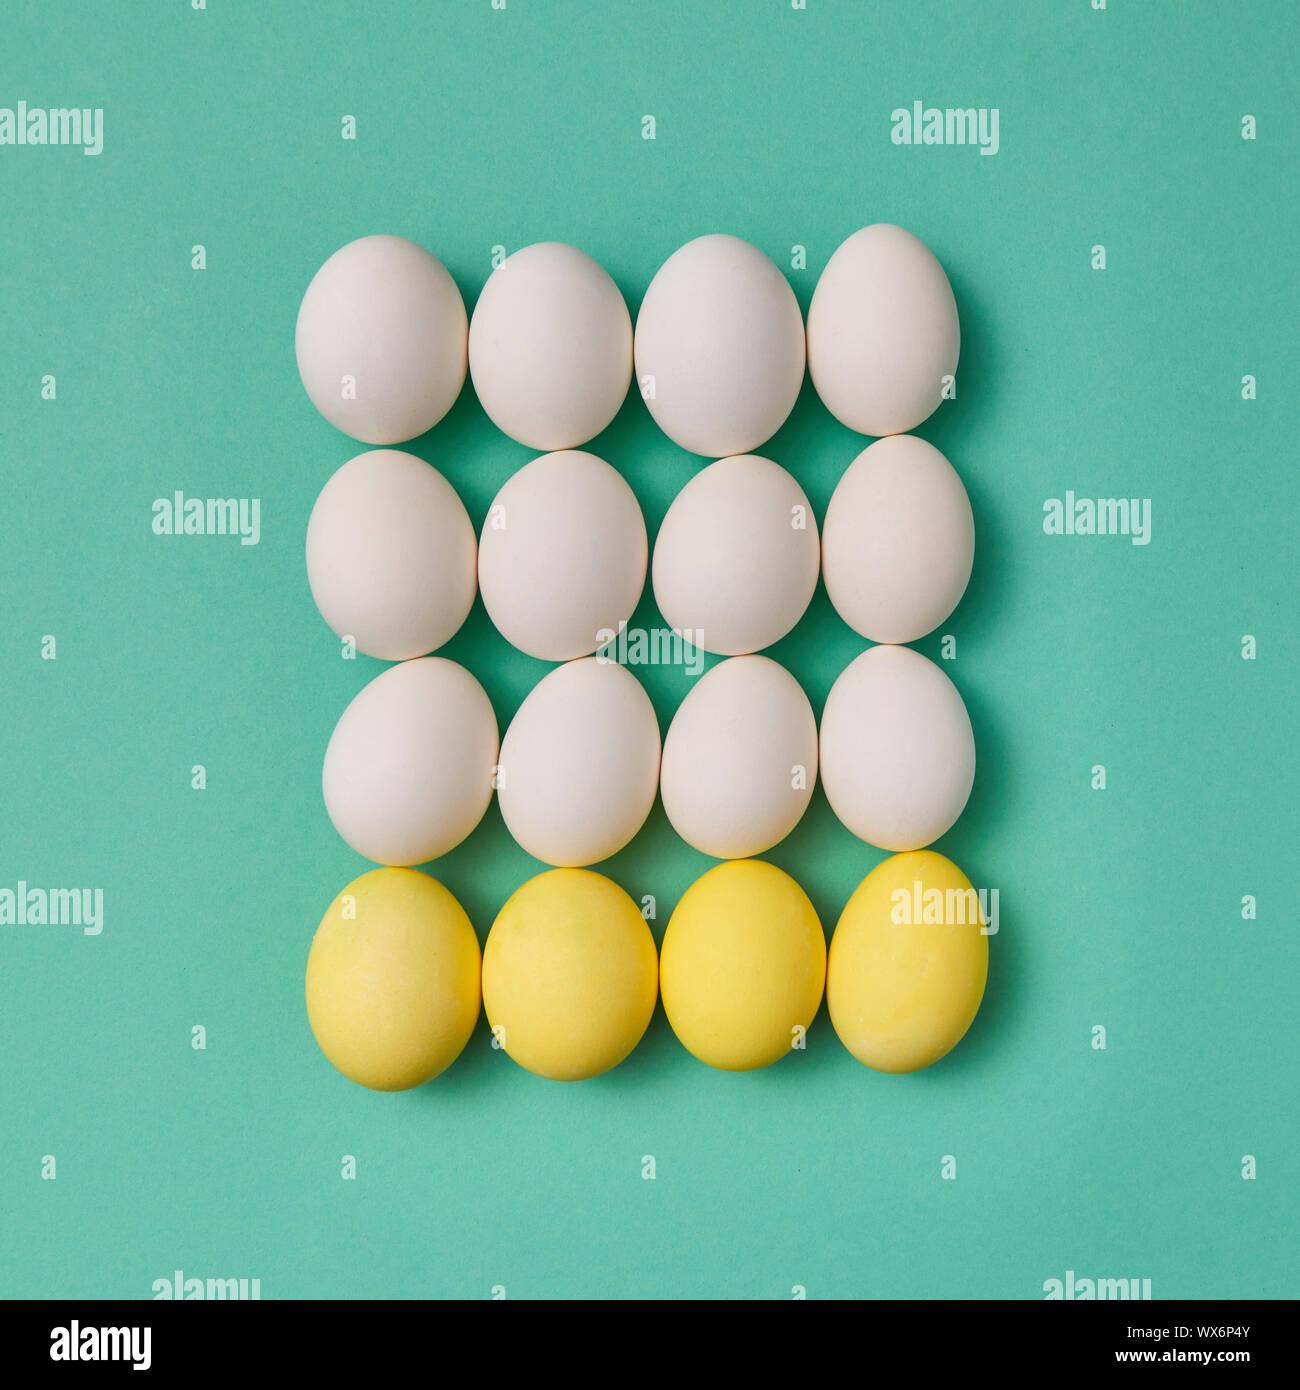 Modèle dans la forme d'un carré de couleur jaune et blanc d'oeufs sur un fond vert avec copie espace. Jeu de billard concept. F Banque D'Images